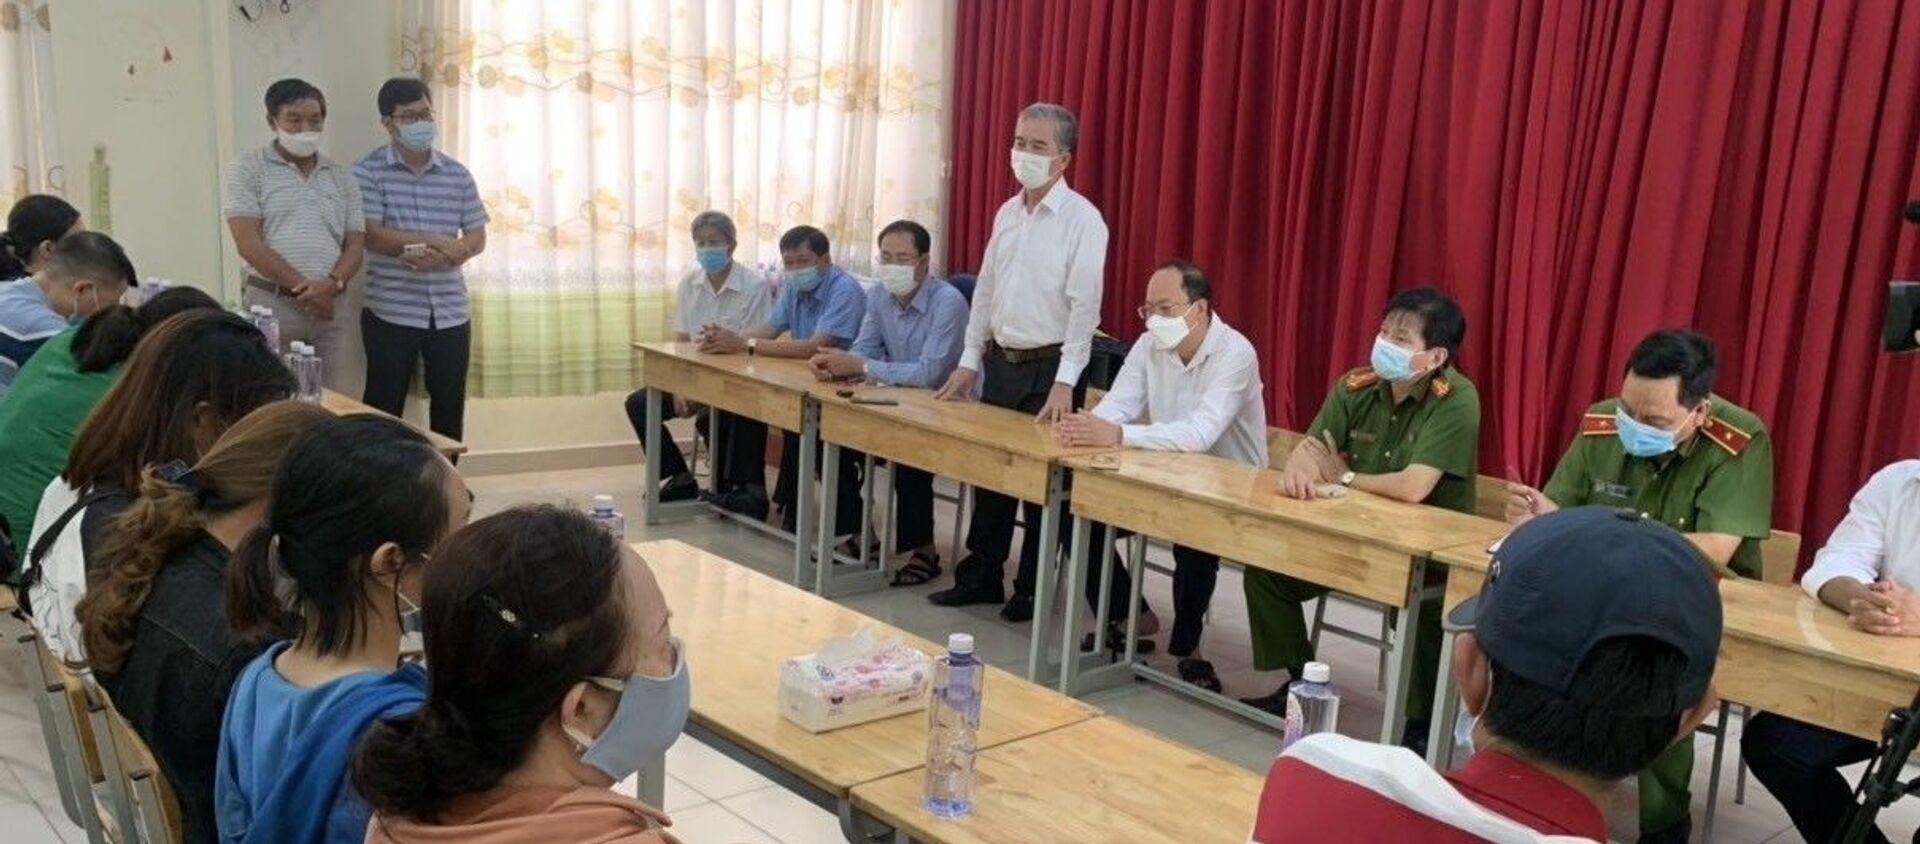 Lãnh đạo TP. Hồ Chí Minh thăm hỏi người thân các nạn nhân.  - Sputnik Việt Nam, 1920, 08.05.2021